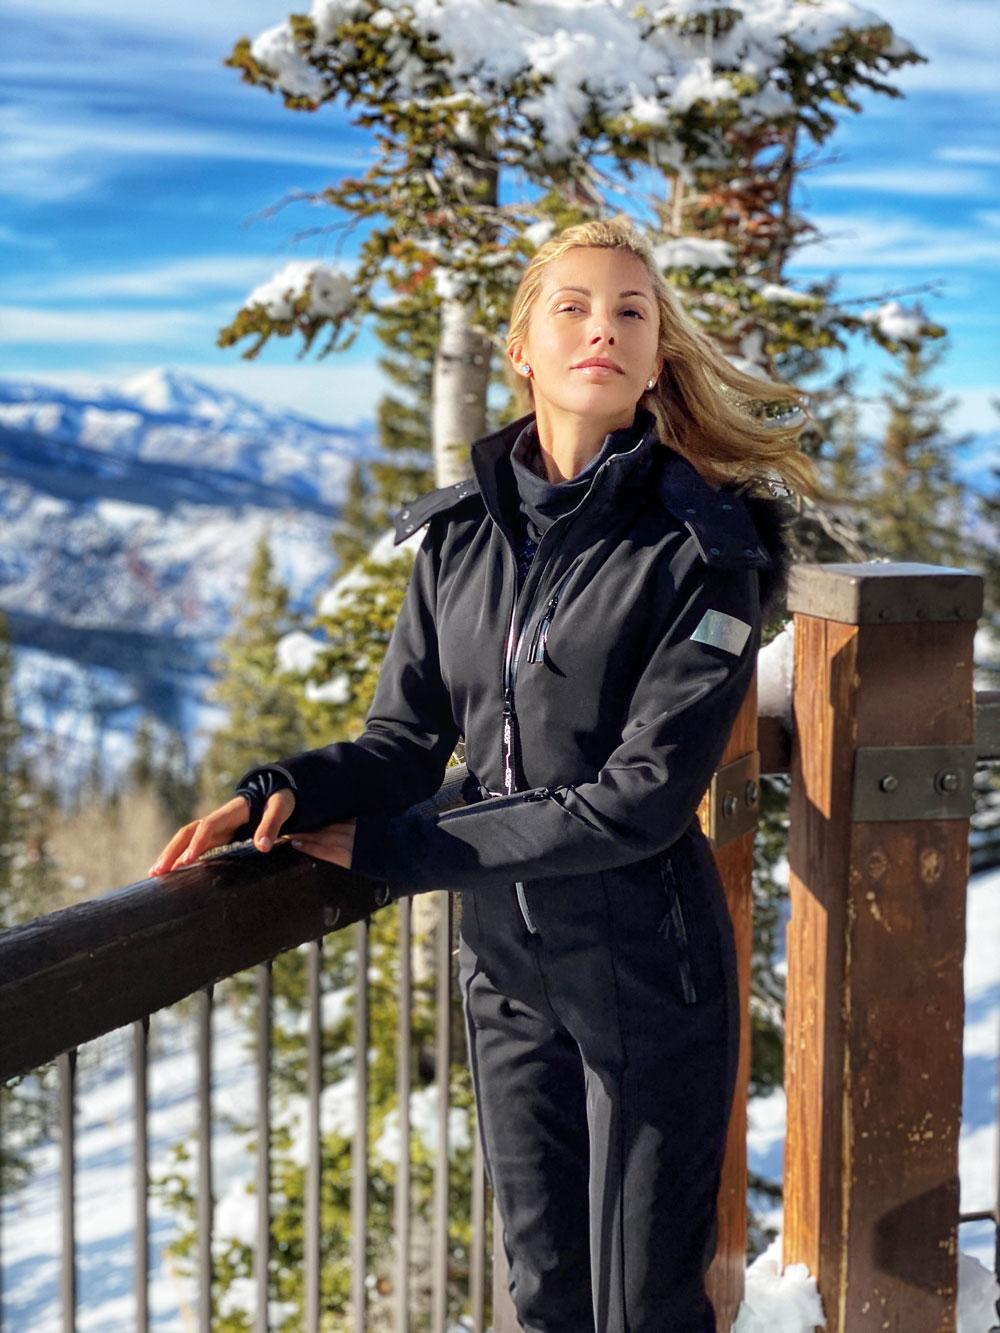 snowbunny, ski, mountain, aspen, winter, skiing, snow